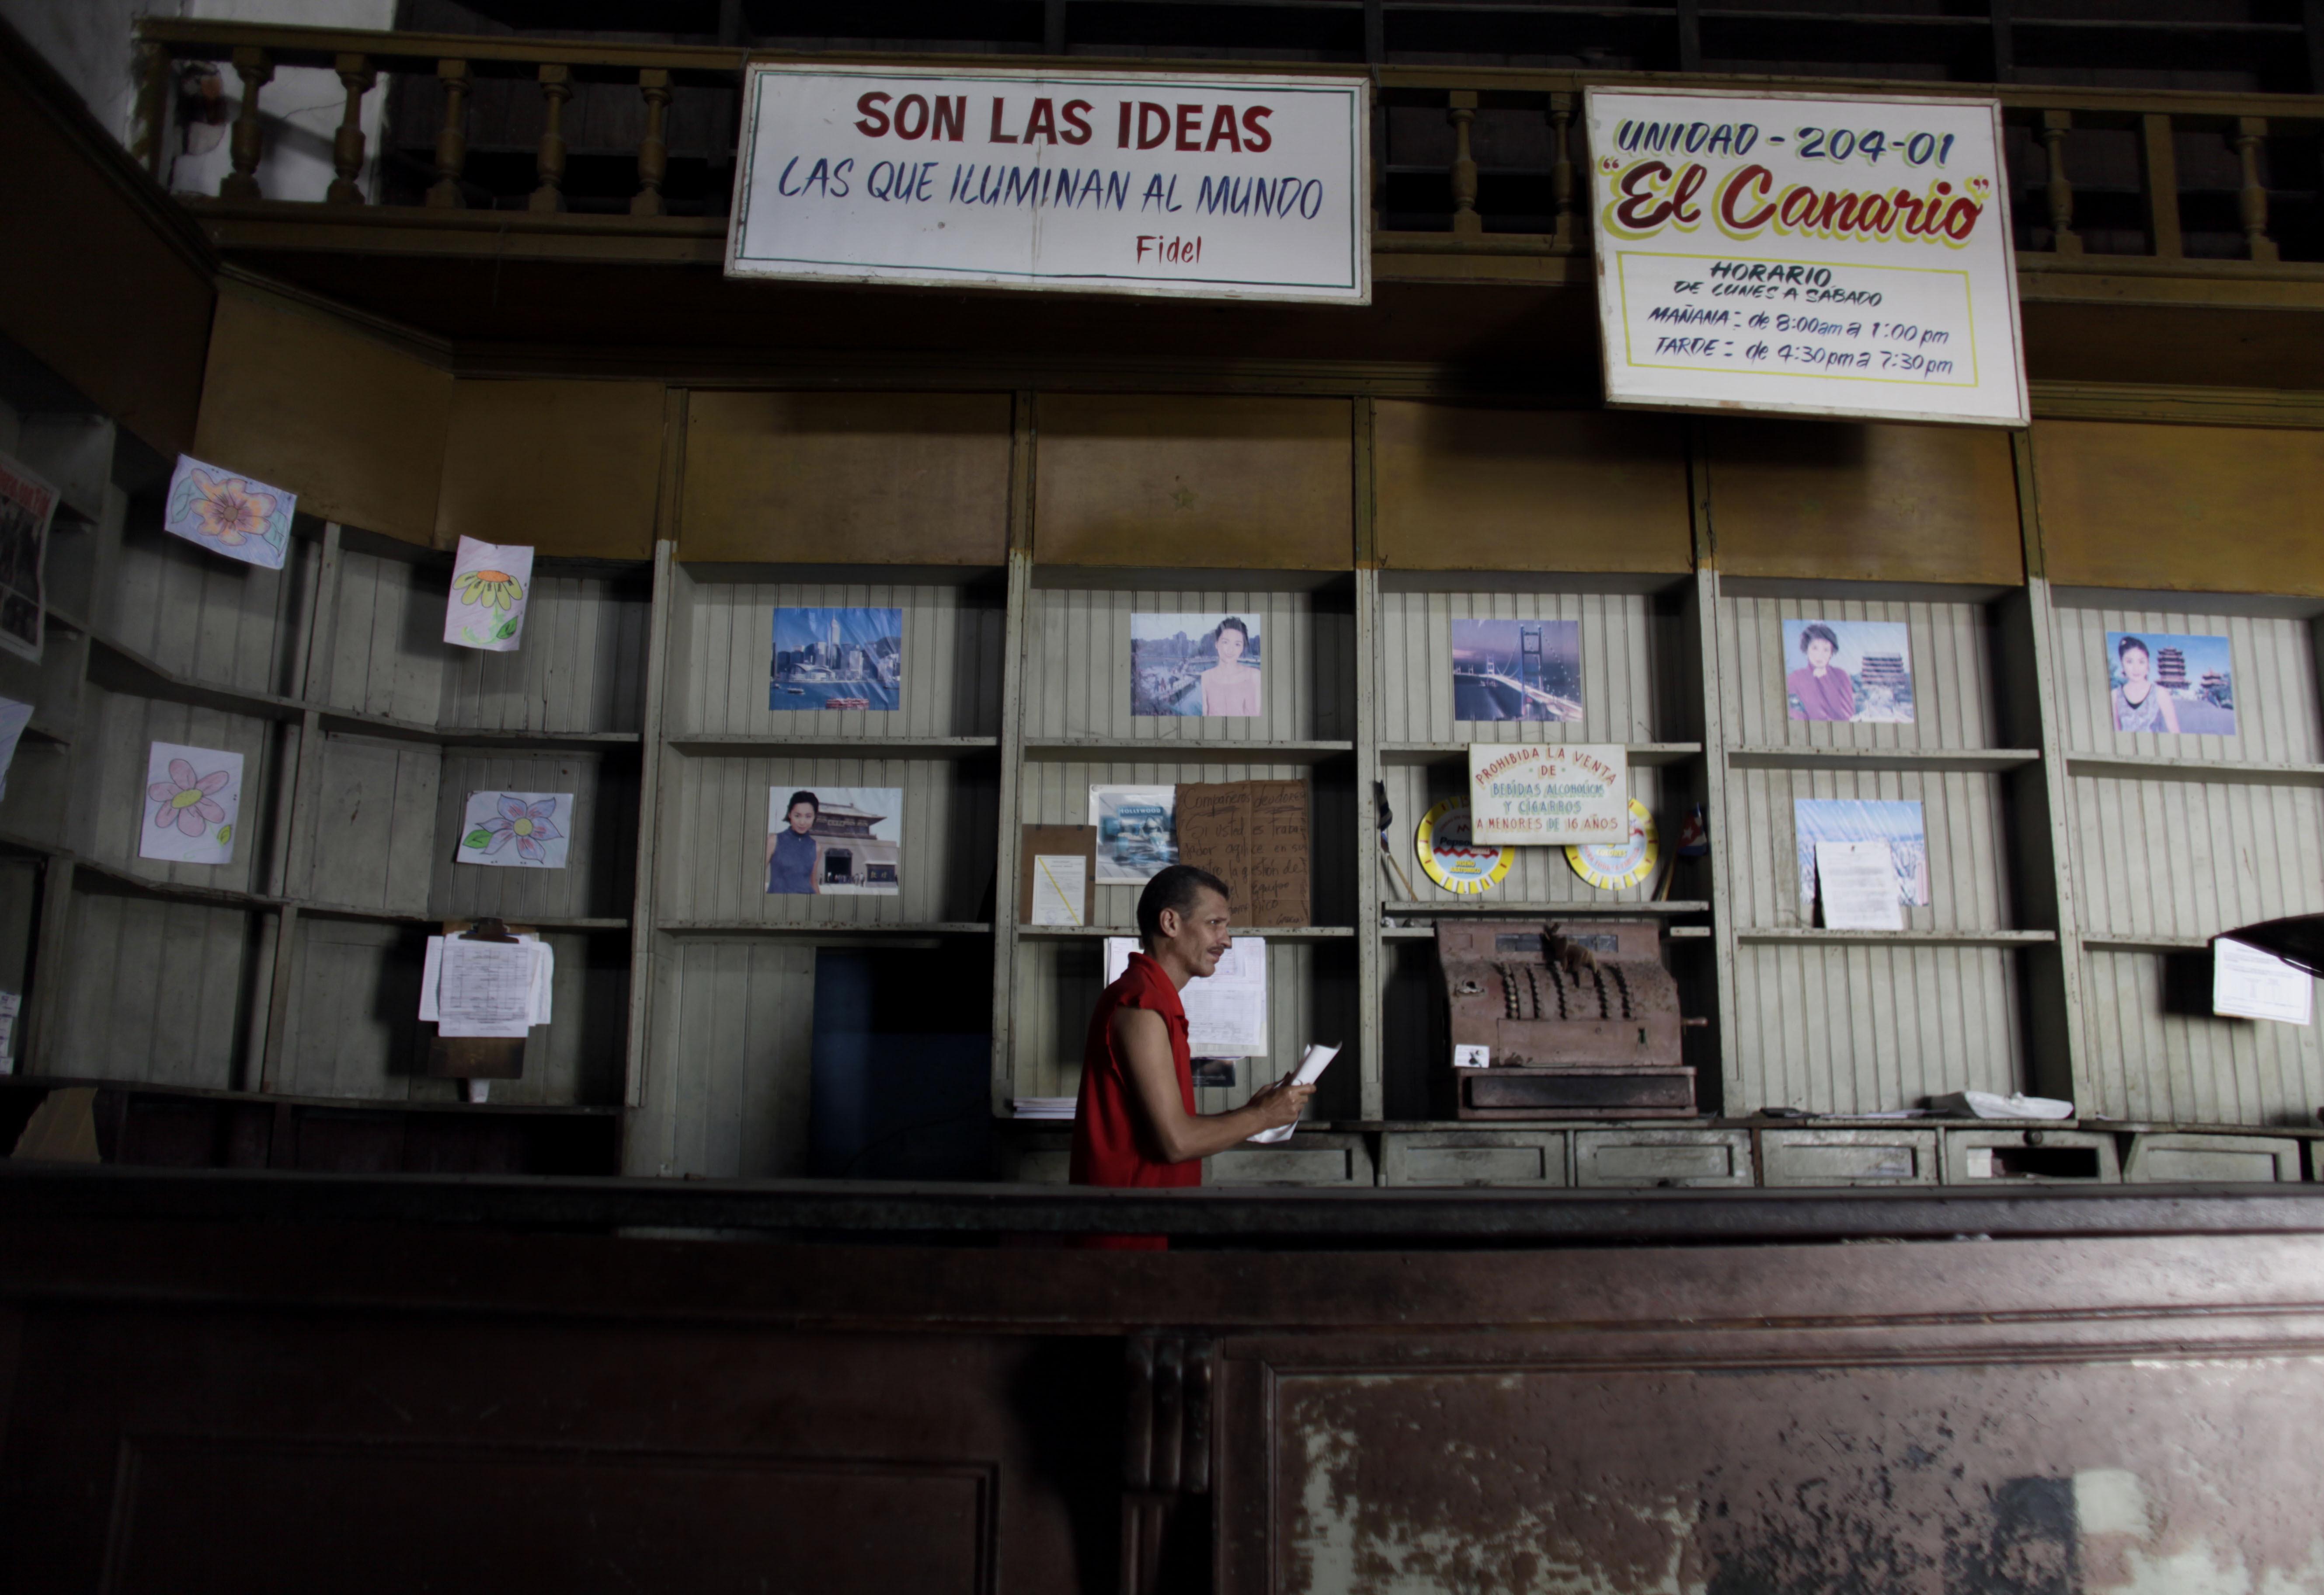 ARCHIVO – En esta fotografía de archivo del 9 de octubre de 2009, un empleado trabaja en una tienda de alimentos del gobierno que tiene los anaqueles vacíos, en La Habana, Cuba. (AP Foto/Javier Galeano, archivo)